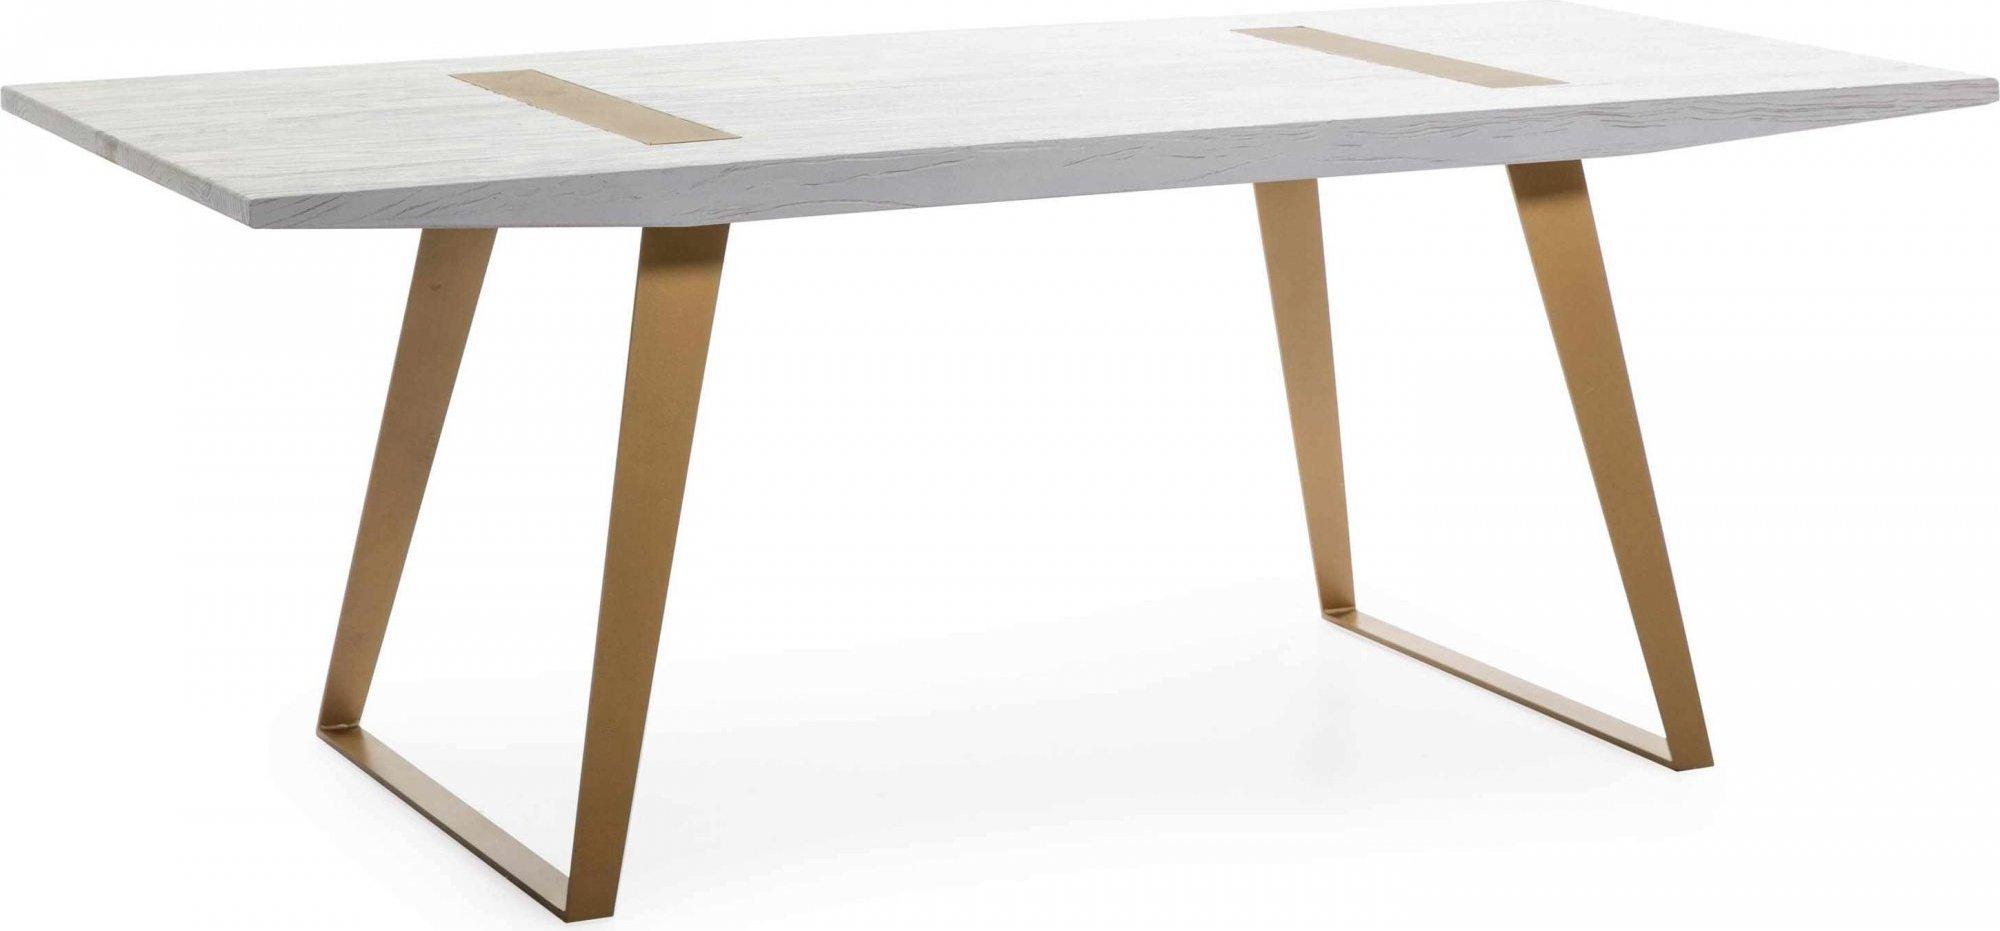 Table a diner en bois cérusé blanc 6 places l200cm